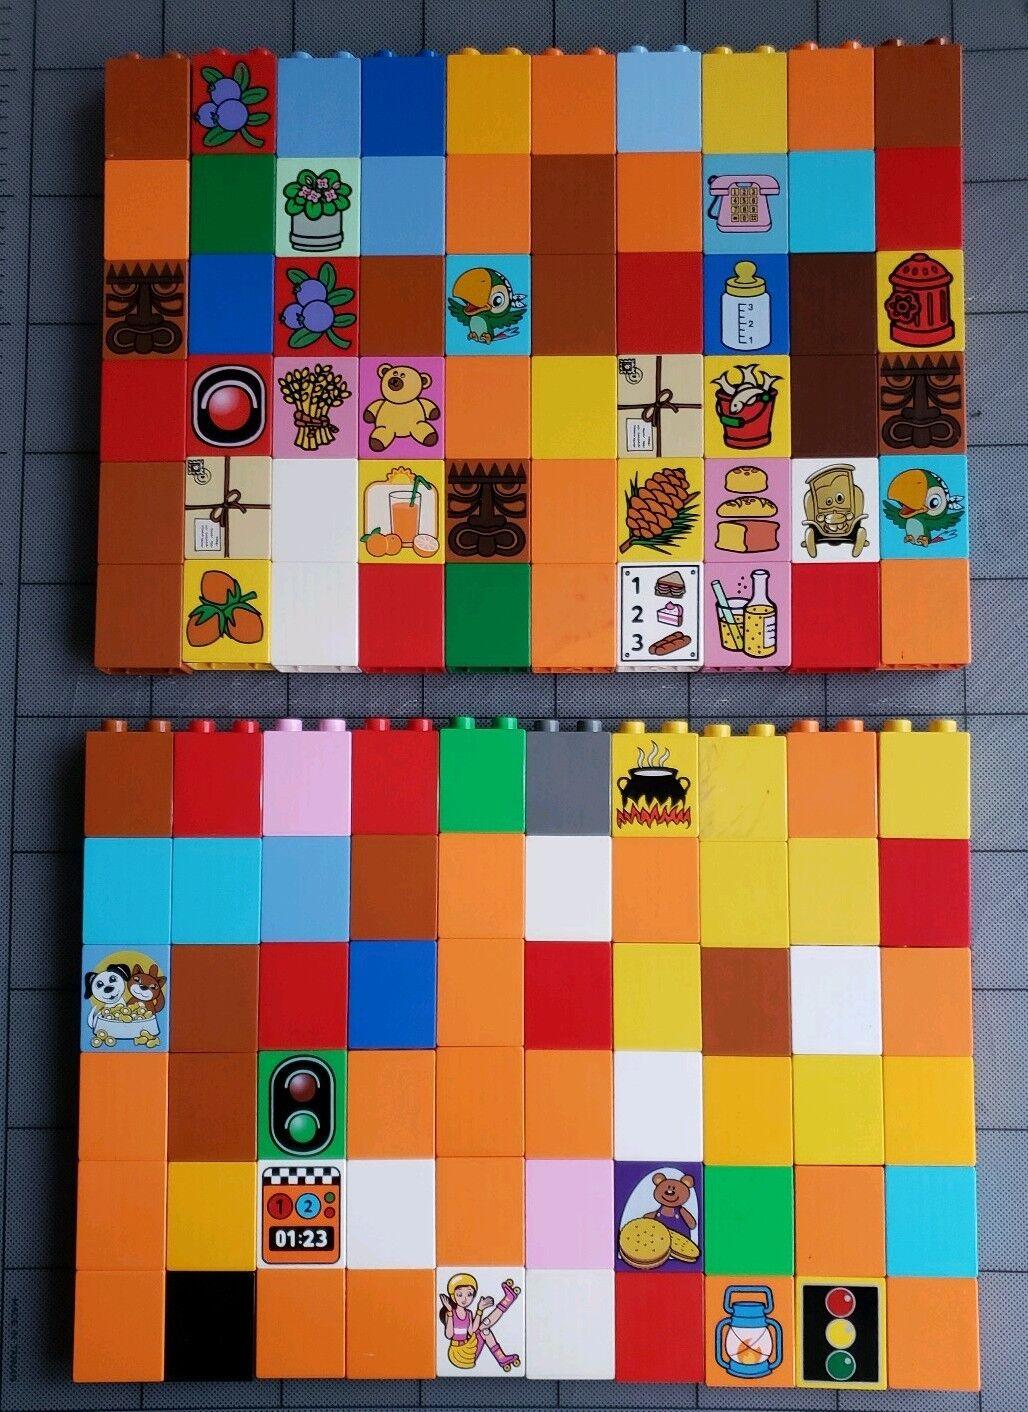 Duplo Lot Of 120 2x1x2 Premium Premium Premium Printed Pieces Mixed Assorted 2 X 1 X 2 D192 ecd7f5